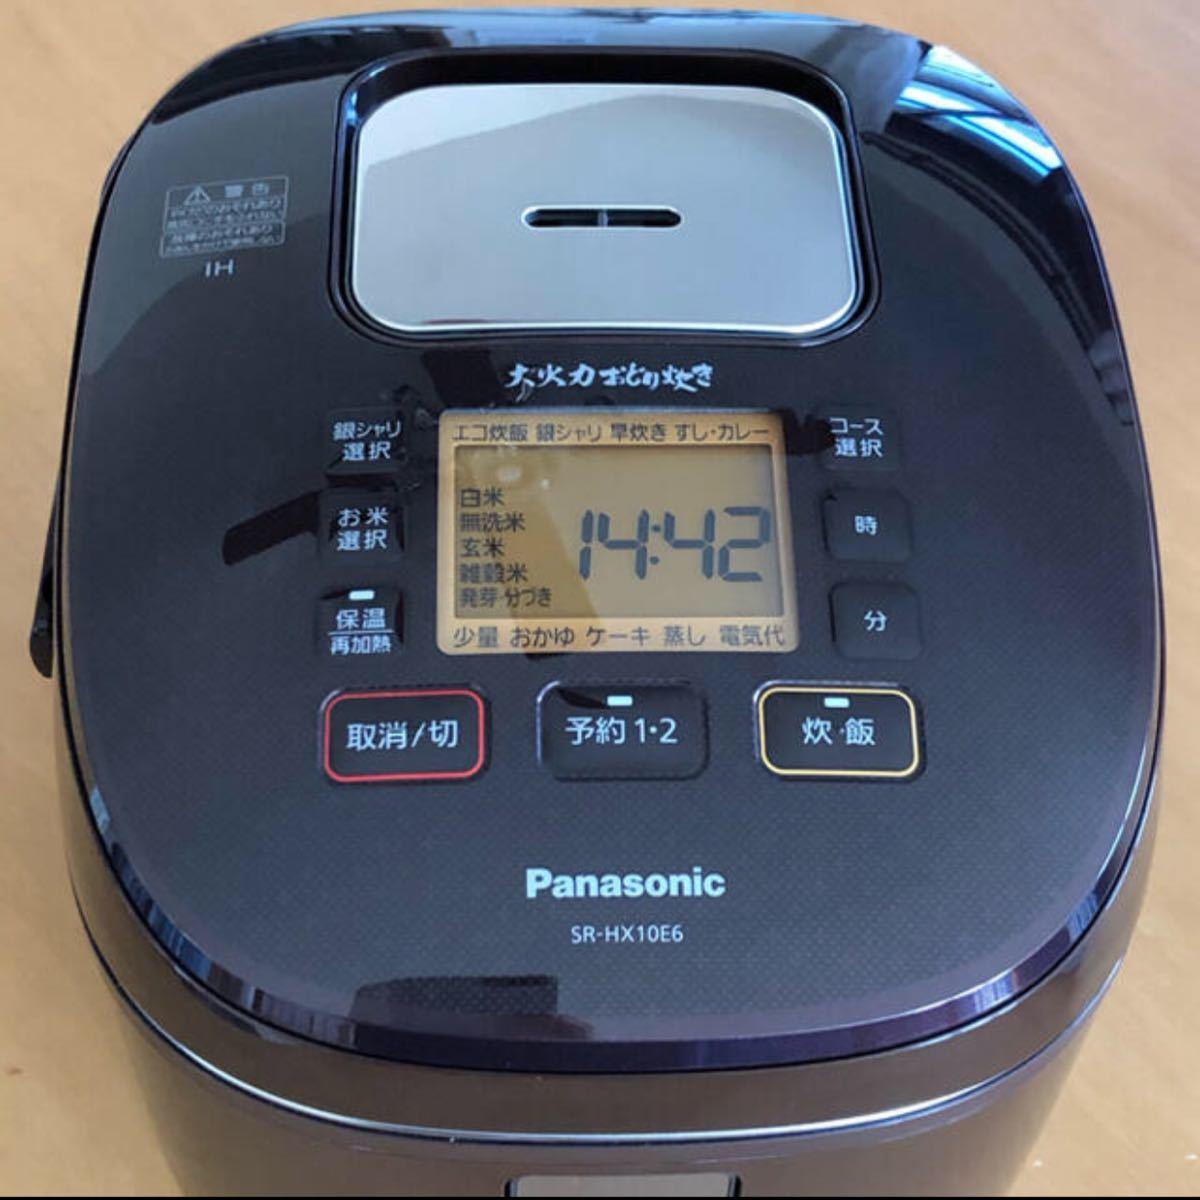 お値下げ中★Panasonic 炊飯器 5.5合 大火力おどり炊き 超美品 ケーキ焼き機能付き 取説あり